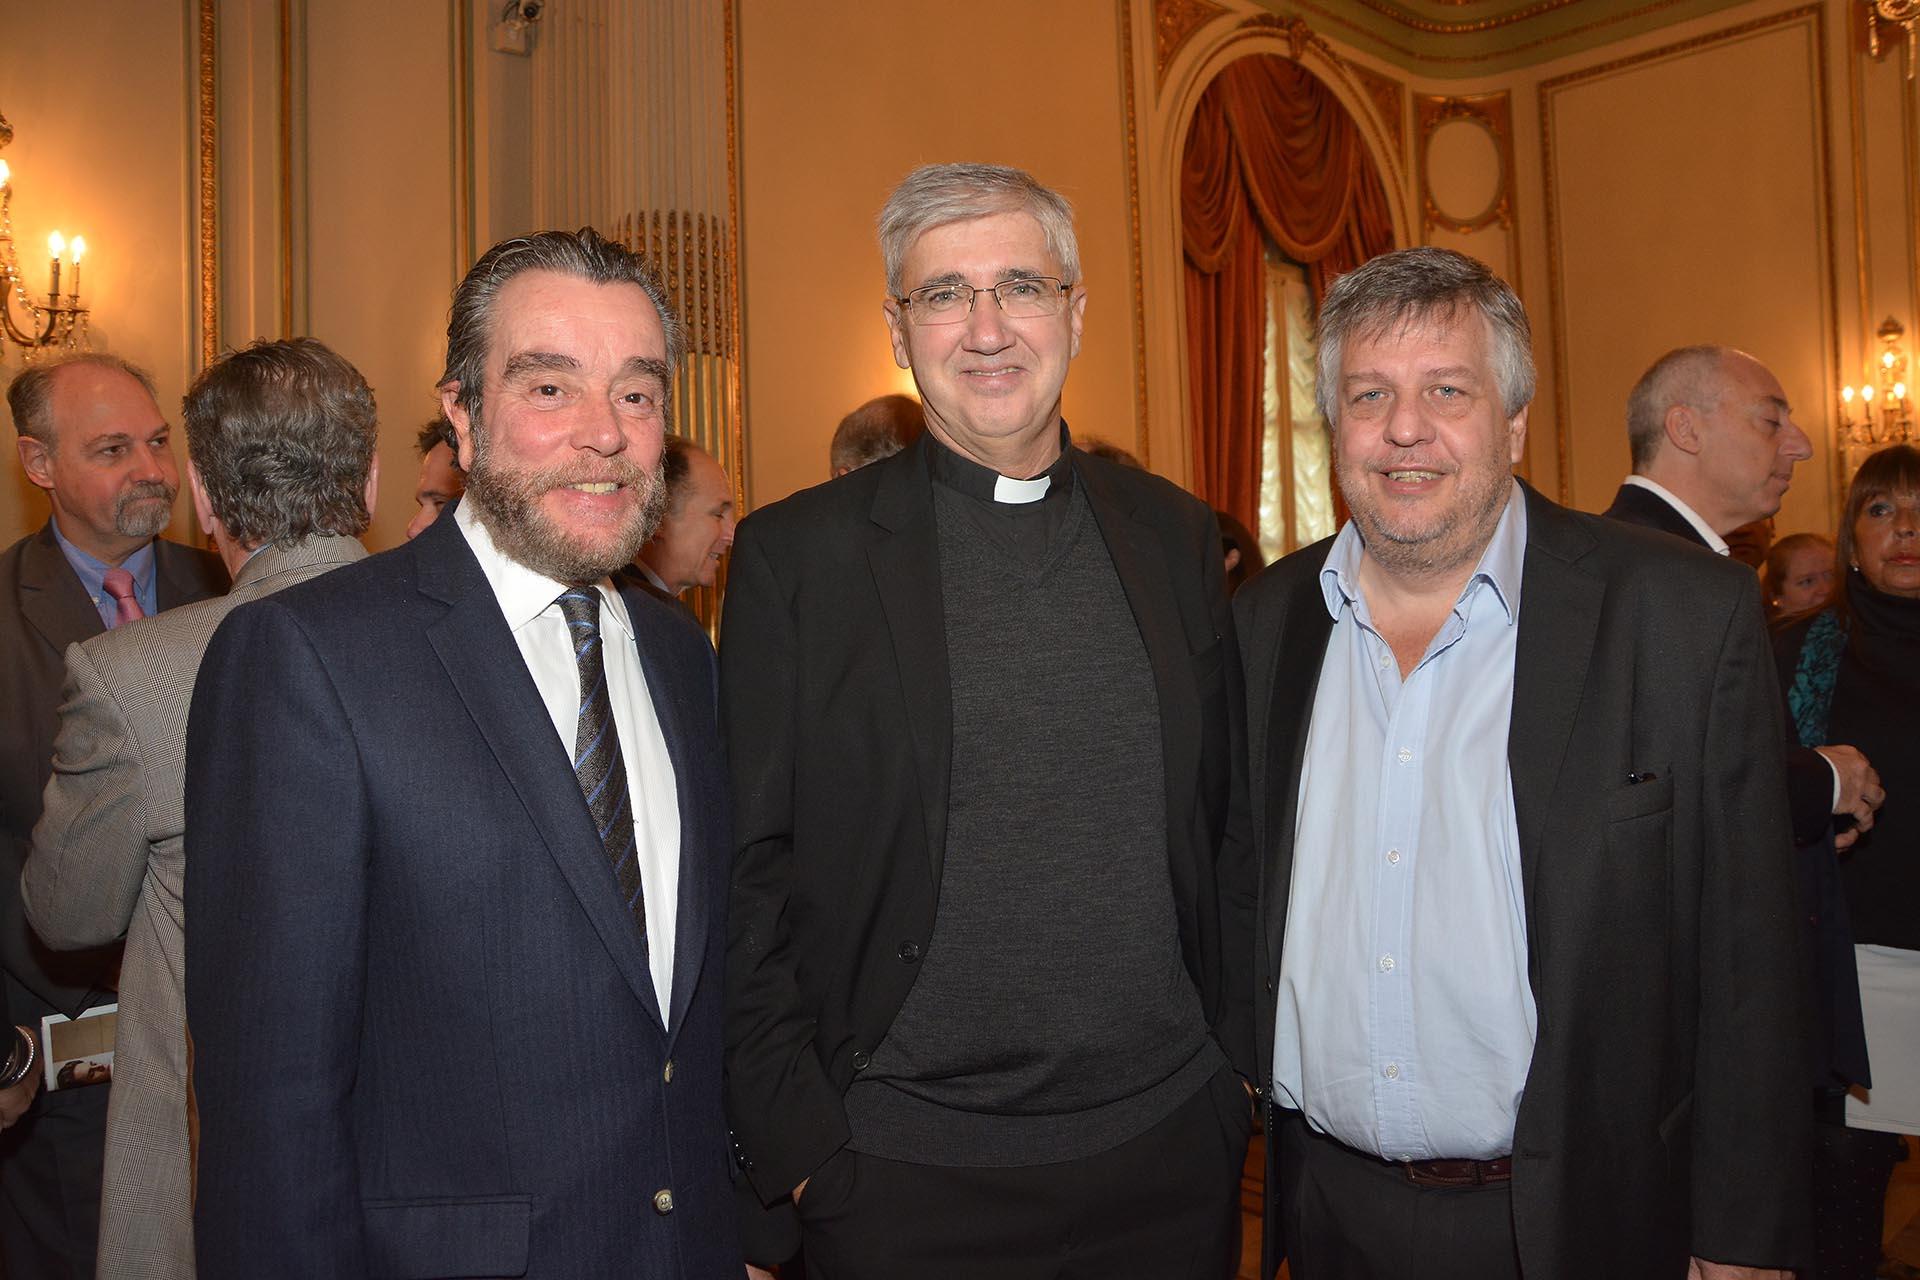 Gustavo Gorriz, director de la revista DEF; el sacerdote Guillermo Marcó; y el fiscal Carlos Stornelli